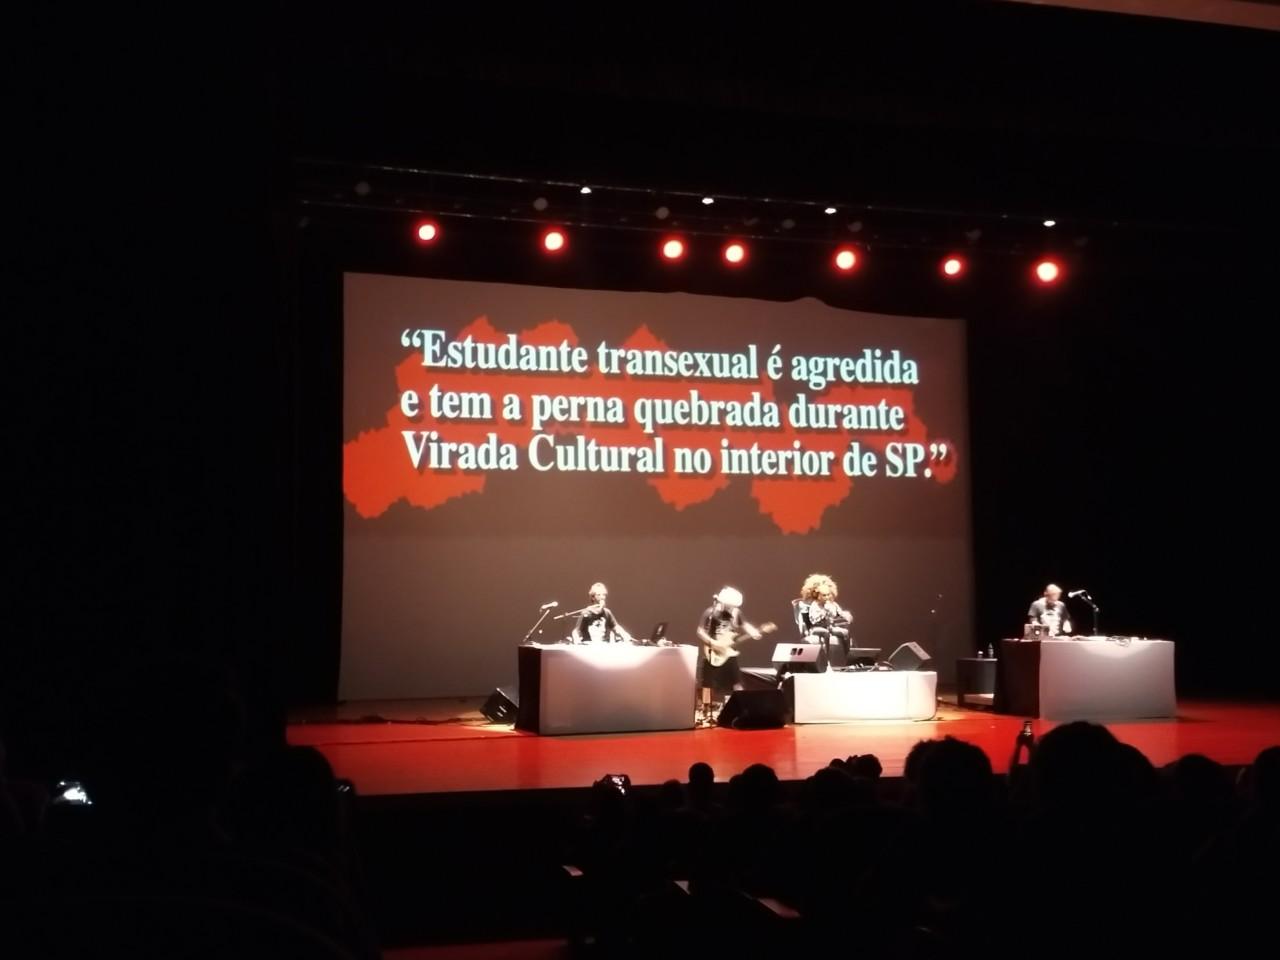 IMG 20180512 222643010 LL - ELZA SOARES: 'A Voz e a Máquina' contra a homofobia e os crimes de ódio